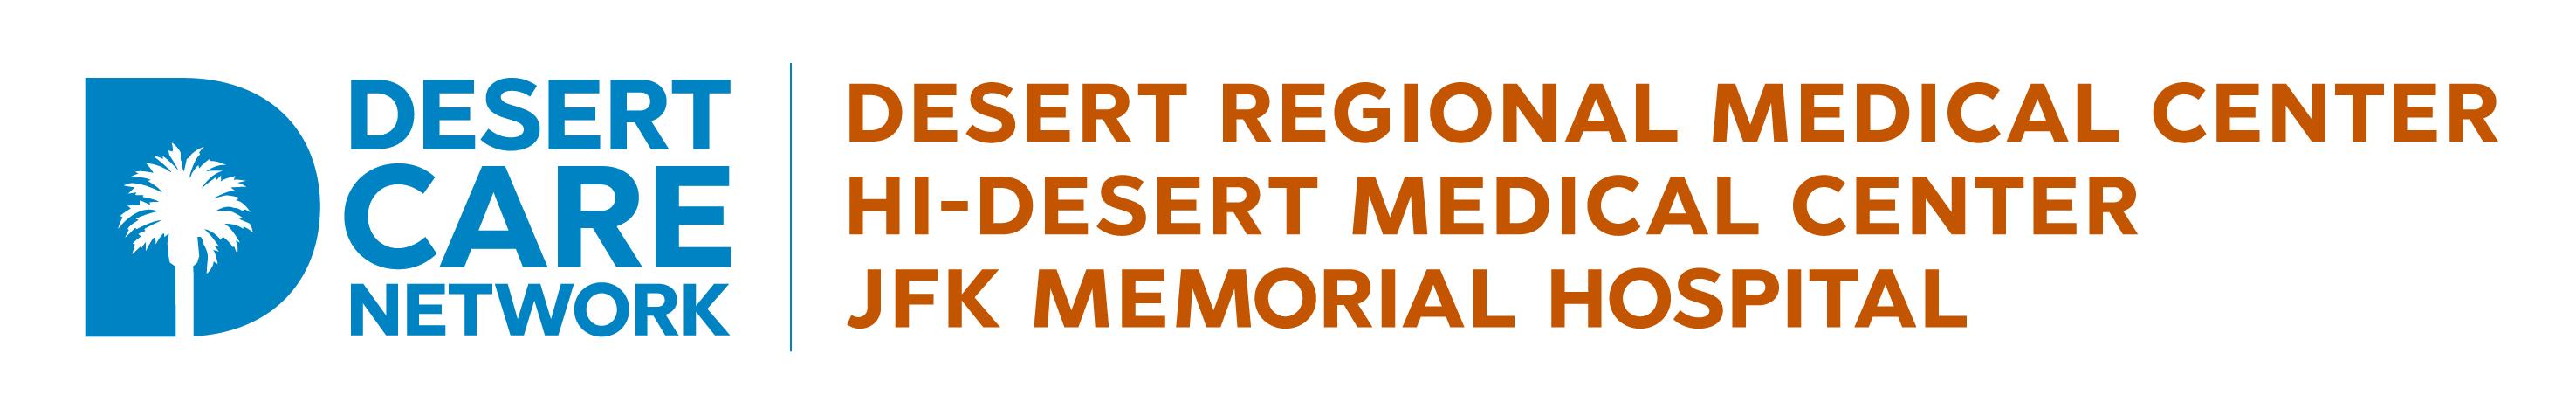 Desert Care Network